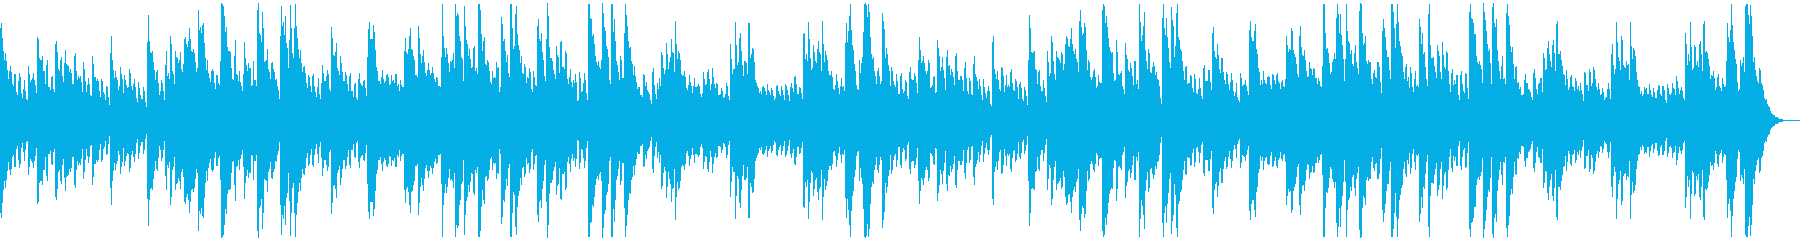 コロコロとした音のソロ・ピアノ曲の再生済みの波形